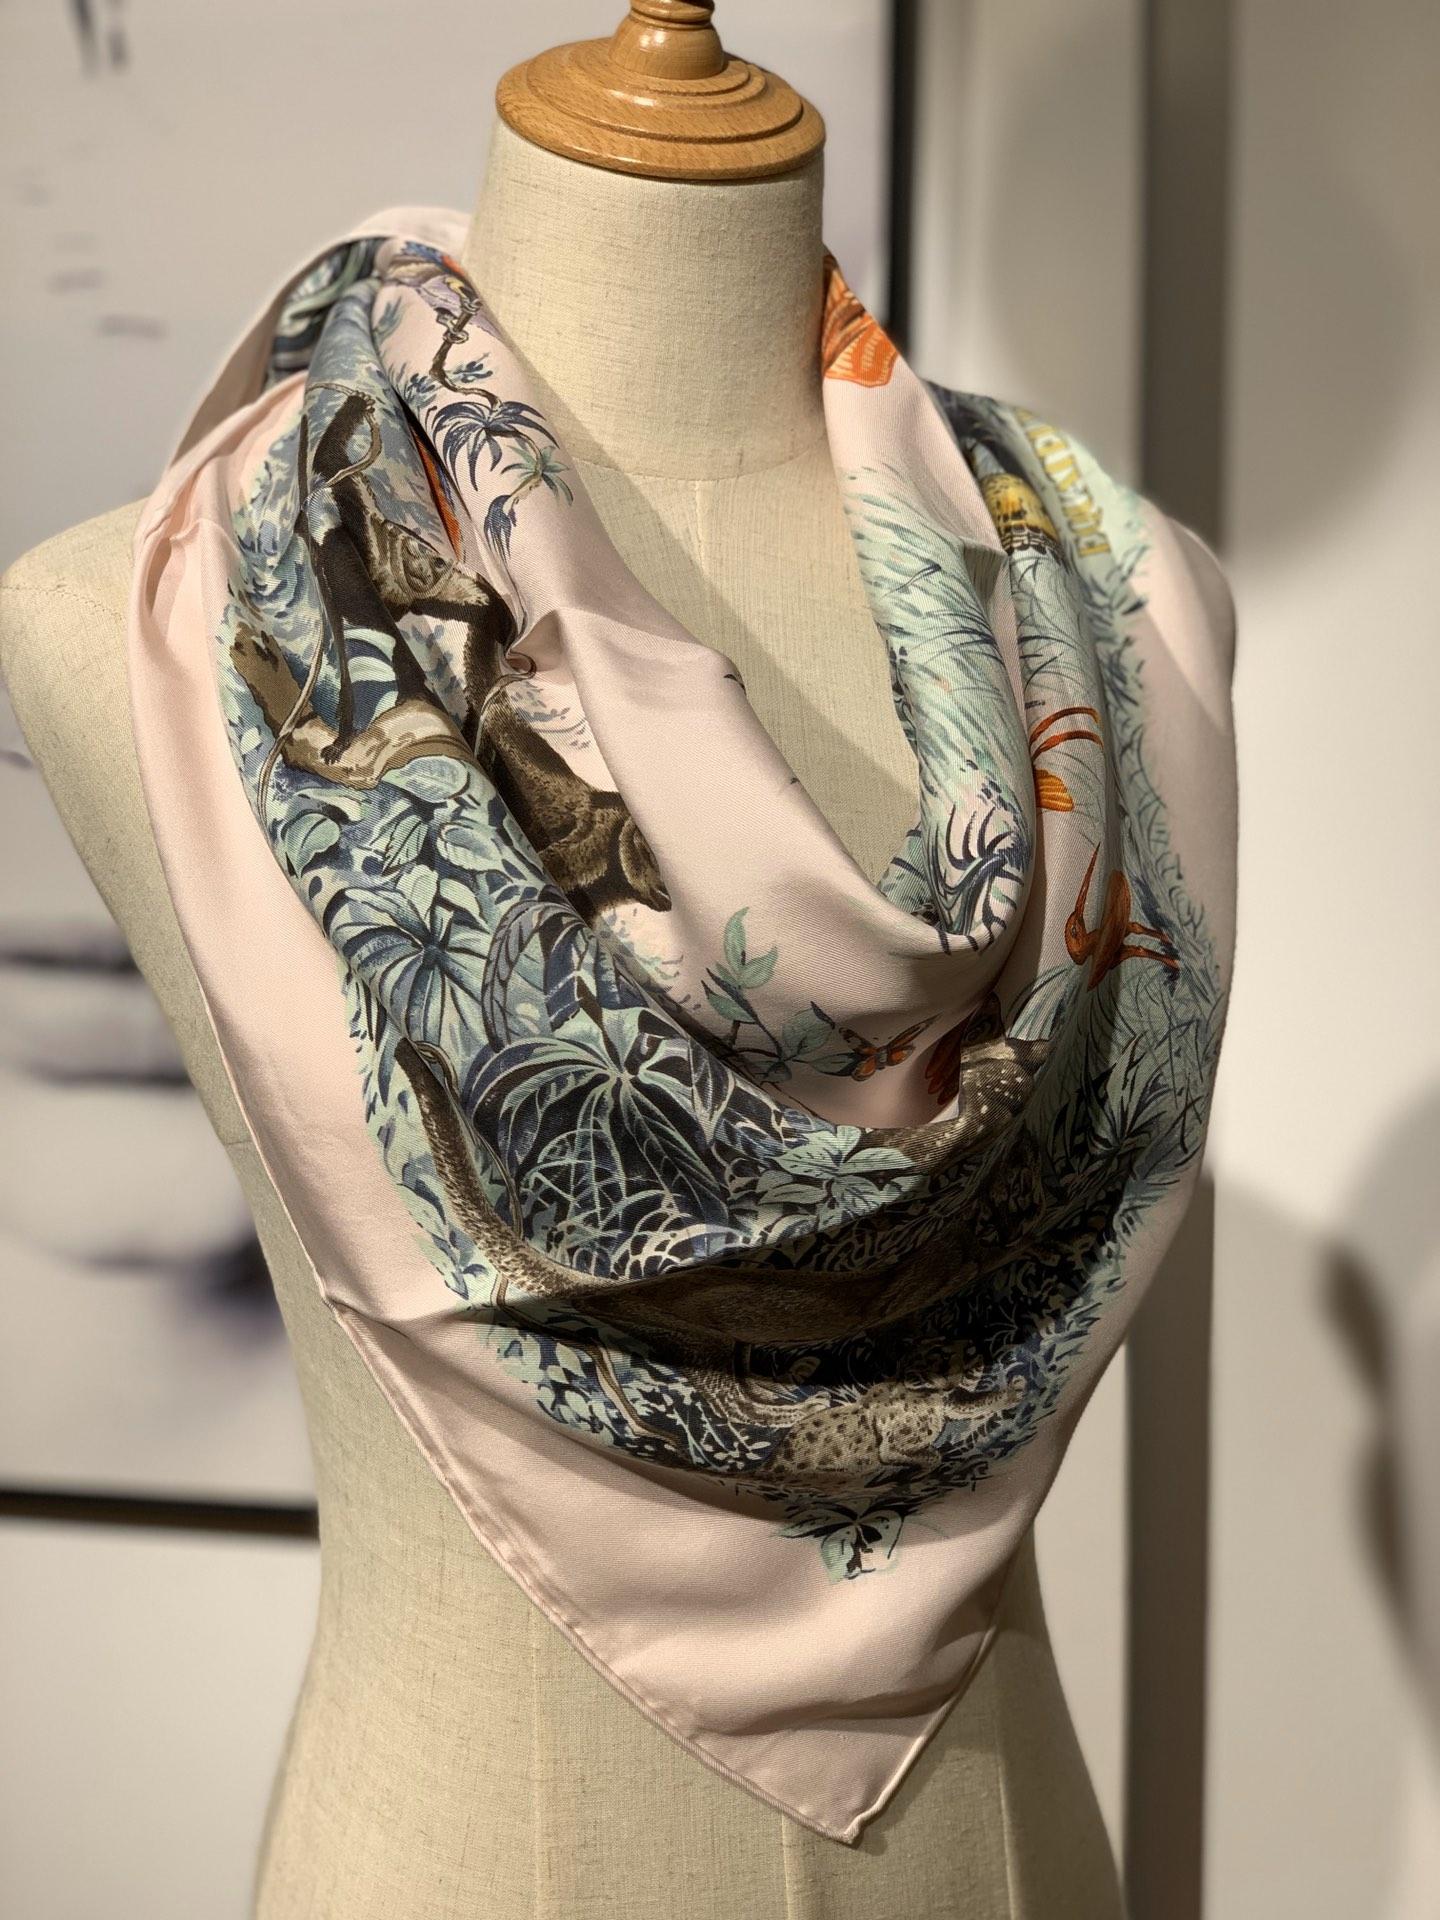 《 赤道丛林 》 粉色 · - 90x90cm 100%真丝 全套细节 礼品袋都齐全